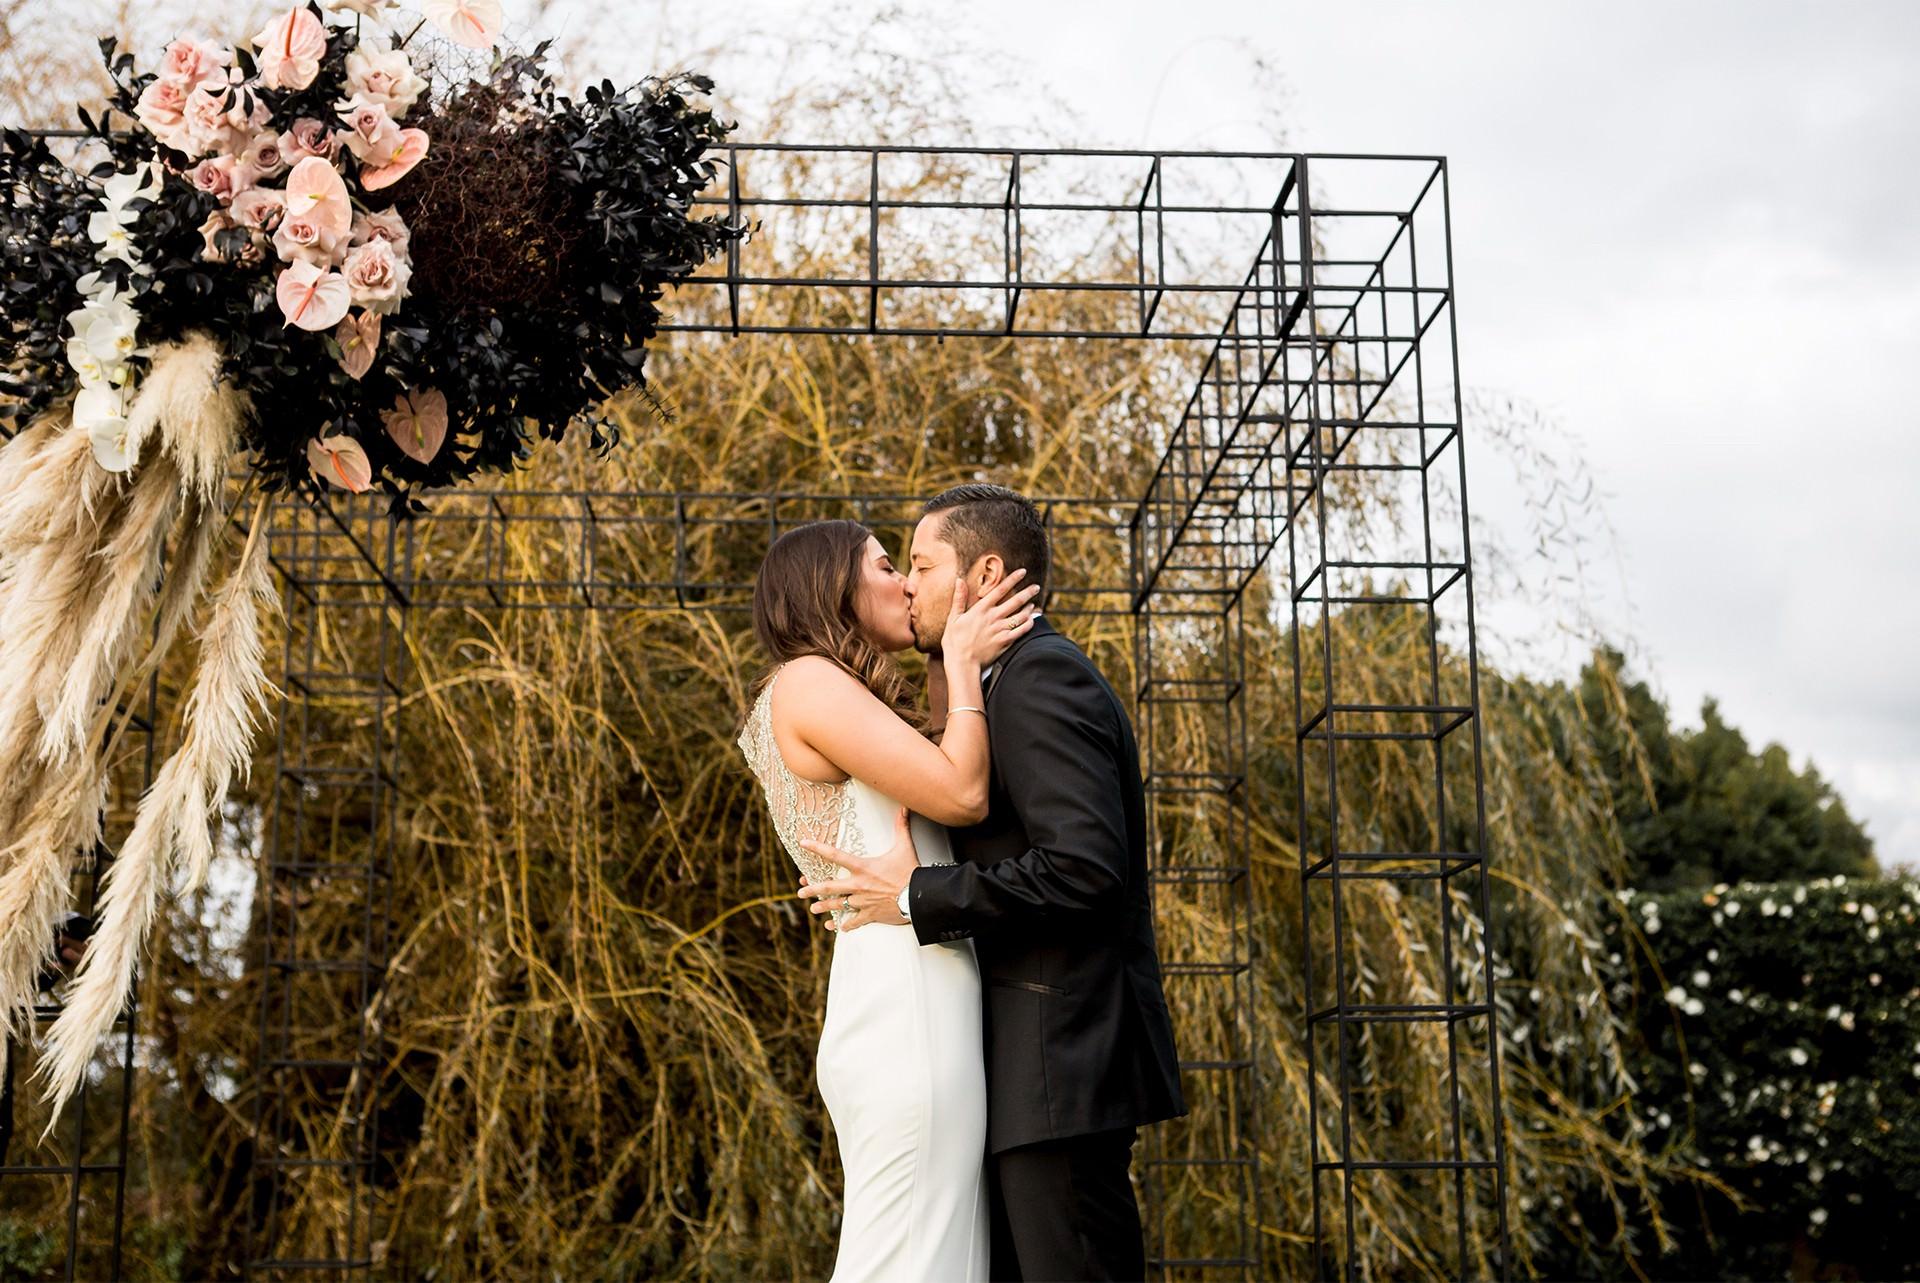 KARY-+-JADE--Wedding-Floral_0002s_0000_3.jpg